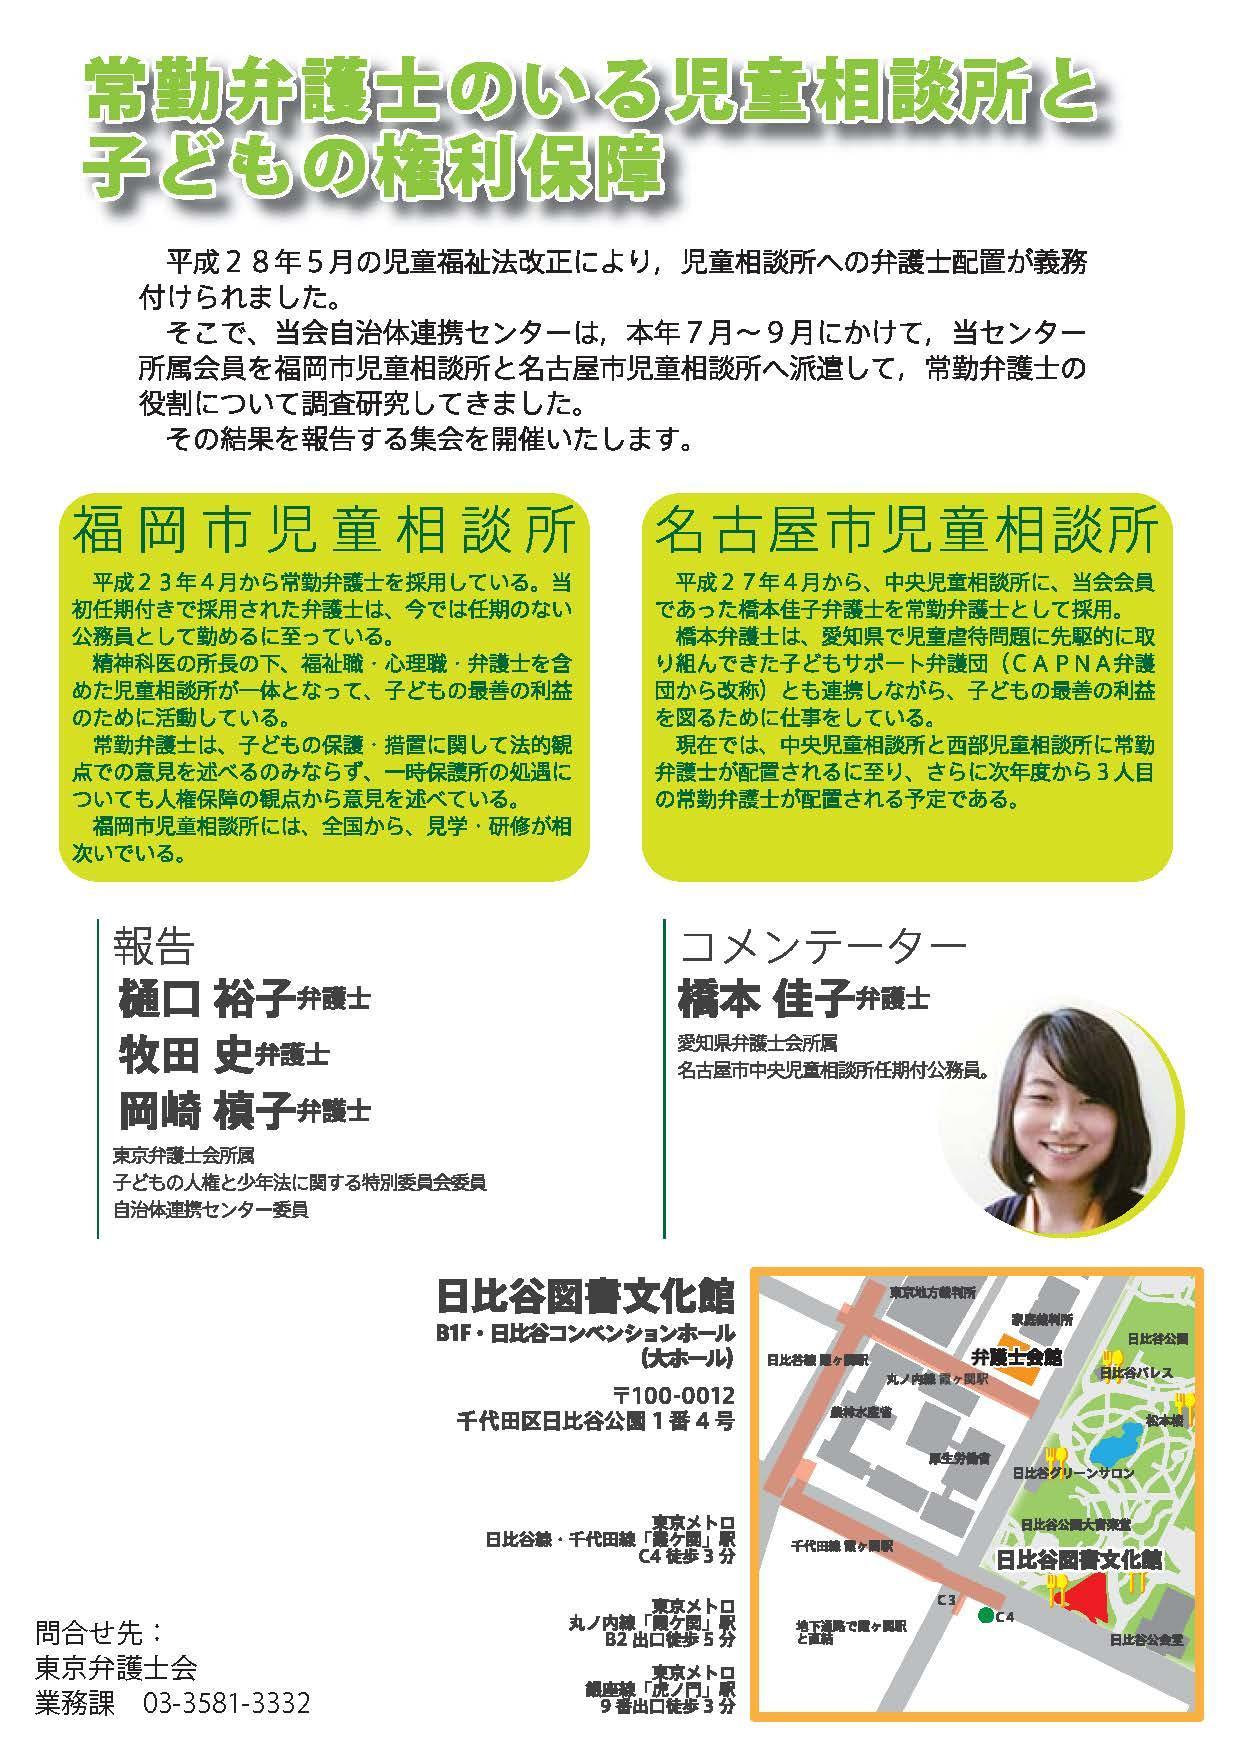 joukinbengoshigairu02_2.jpg